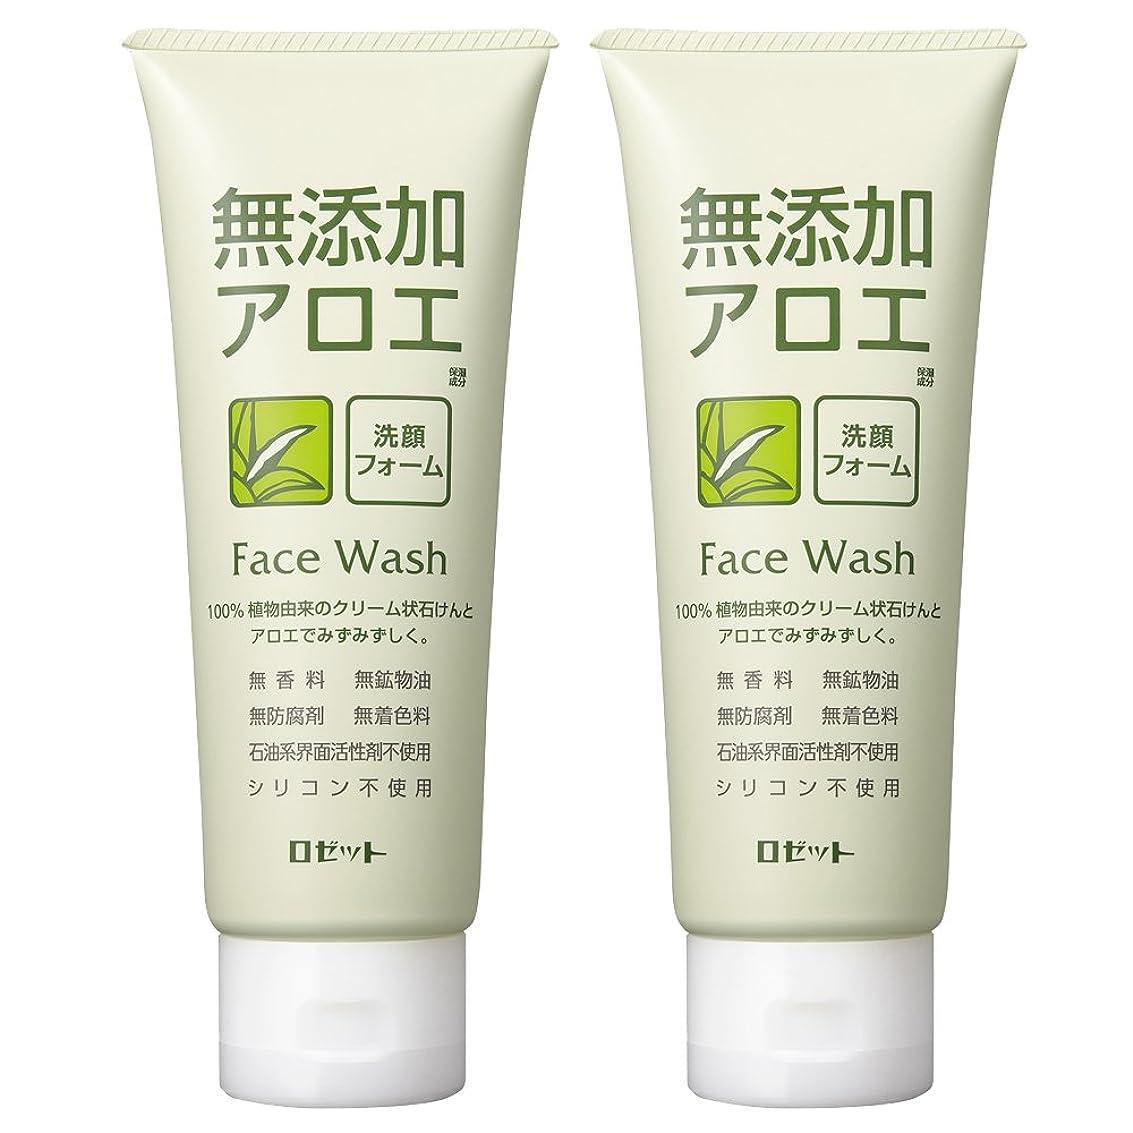 微生物いつもじゃがいもロゼット 無添加アロエ 洗顔フォーム 140g×2個パック AZ